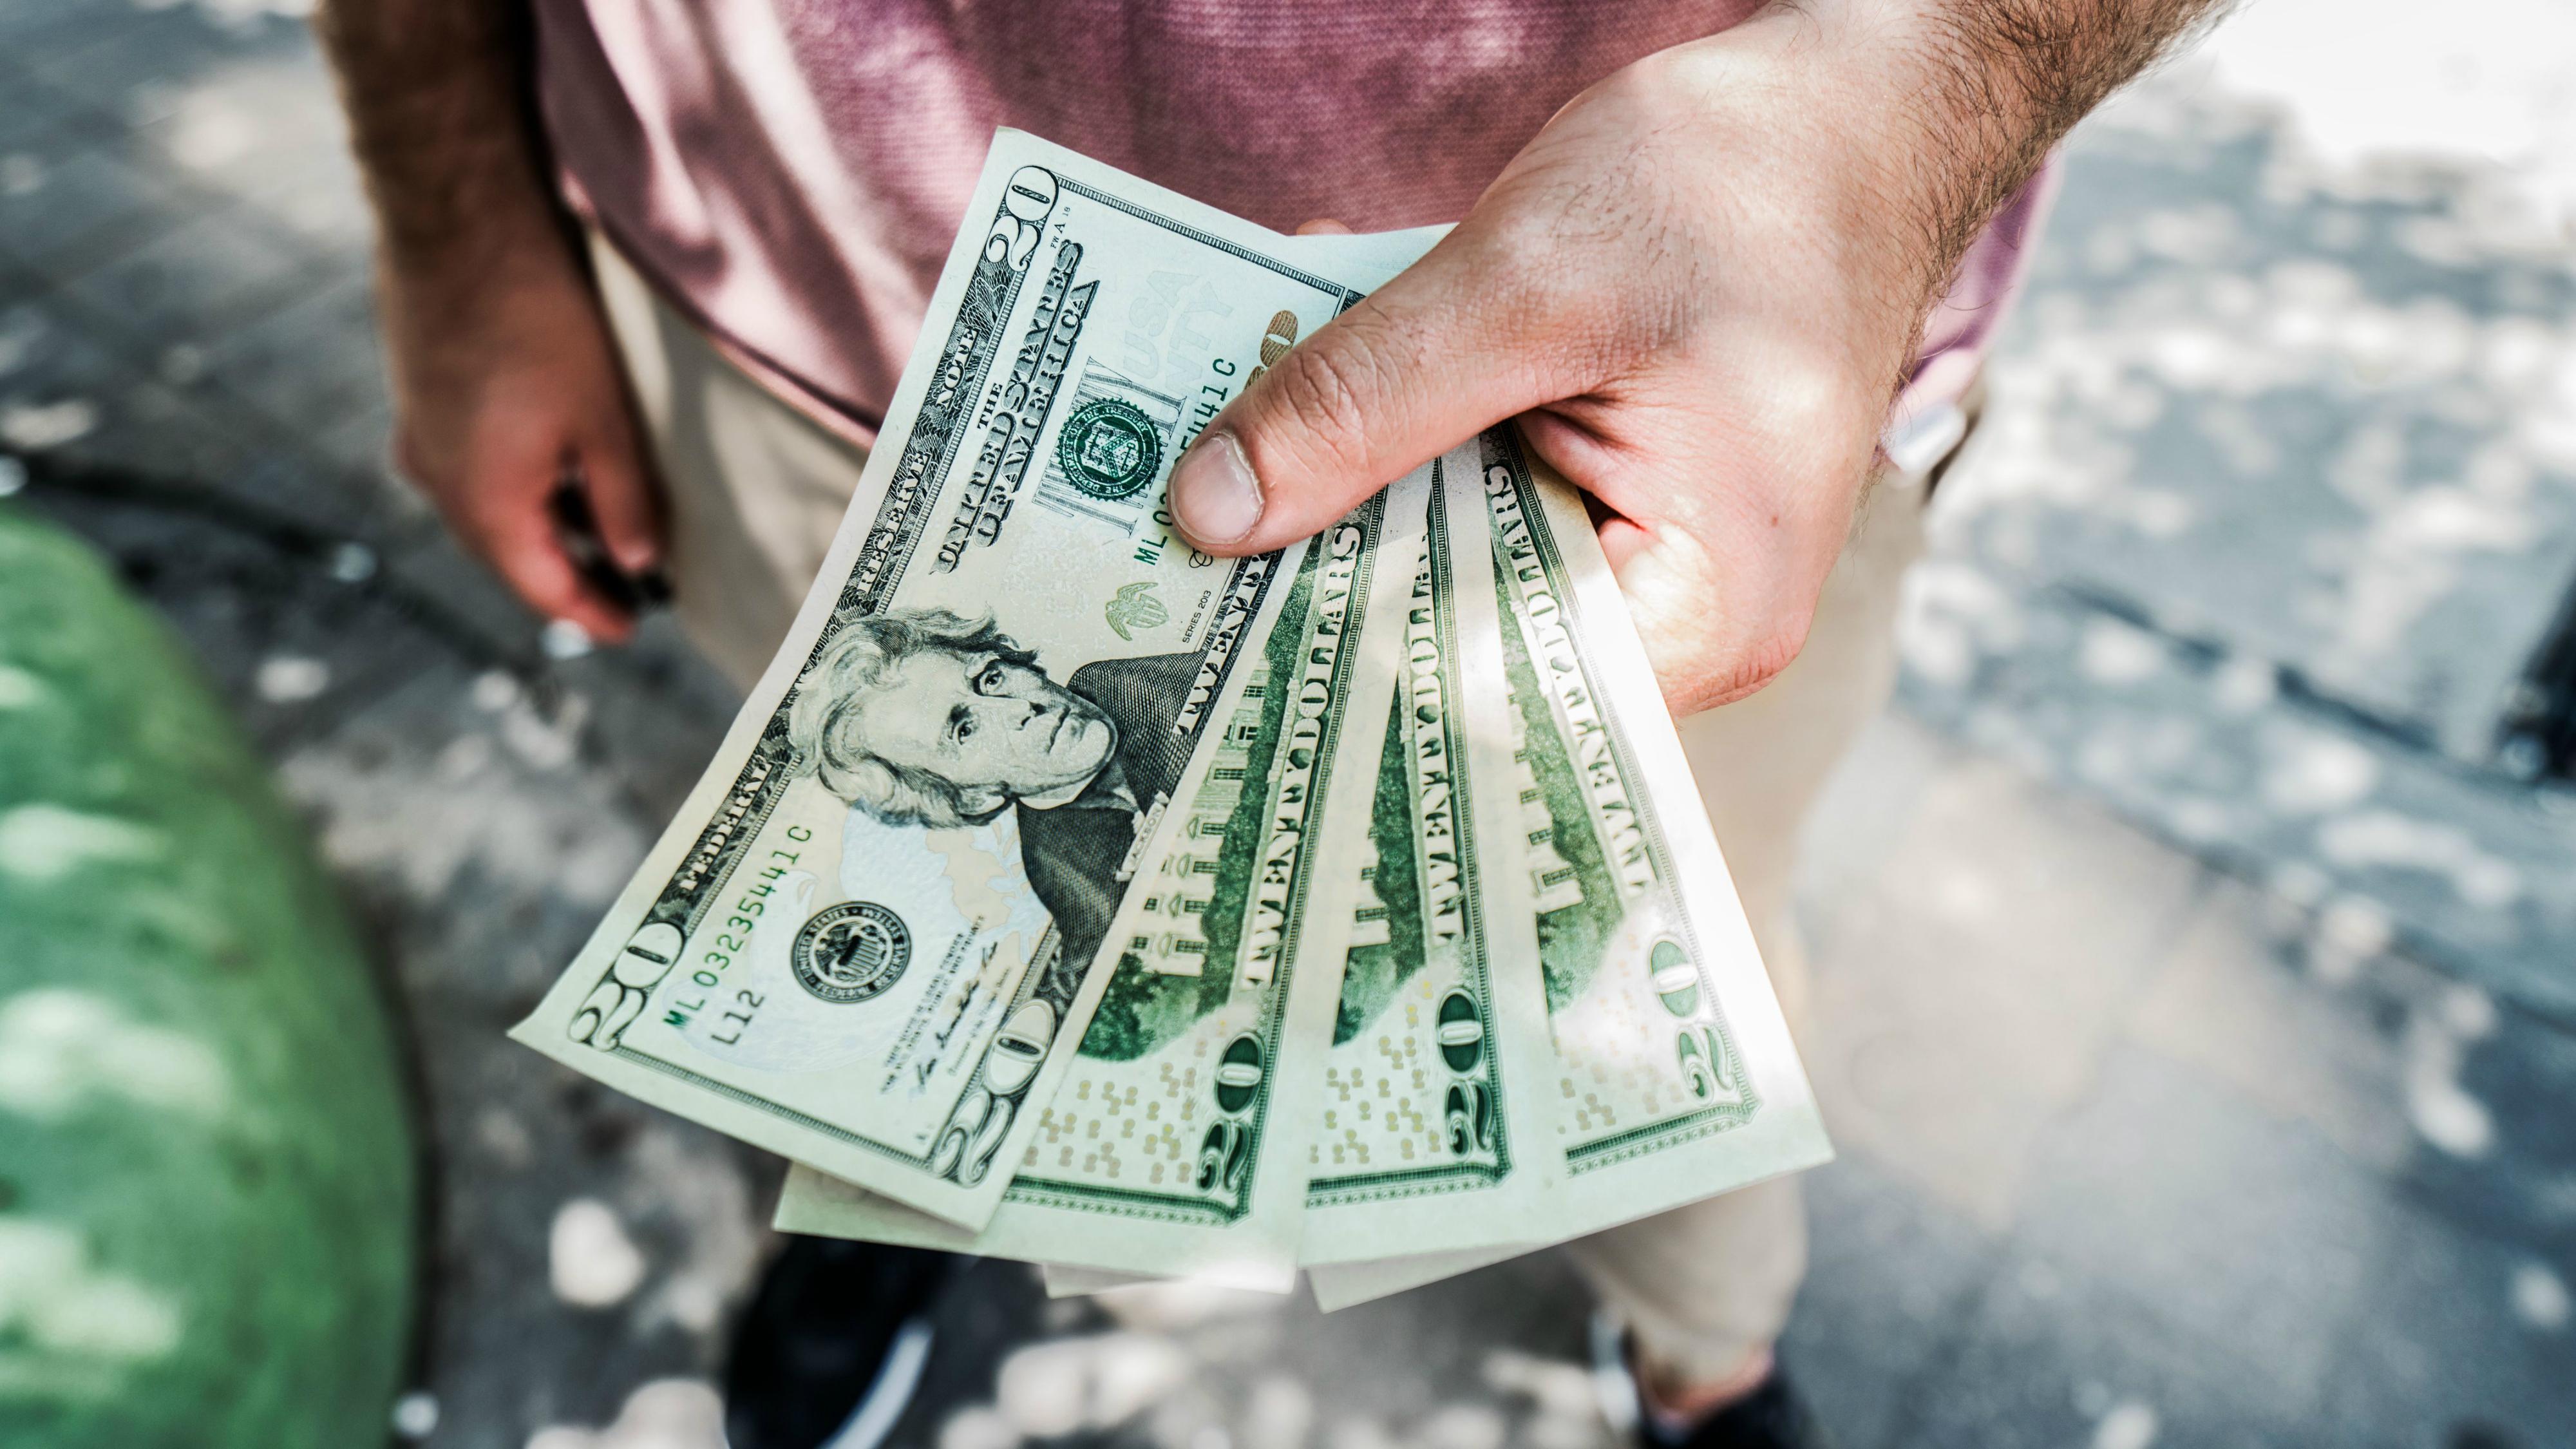 vajag naudu kā un kur nopelnīt